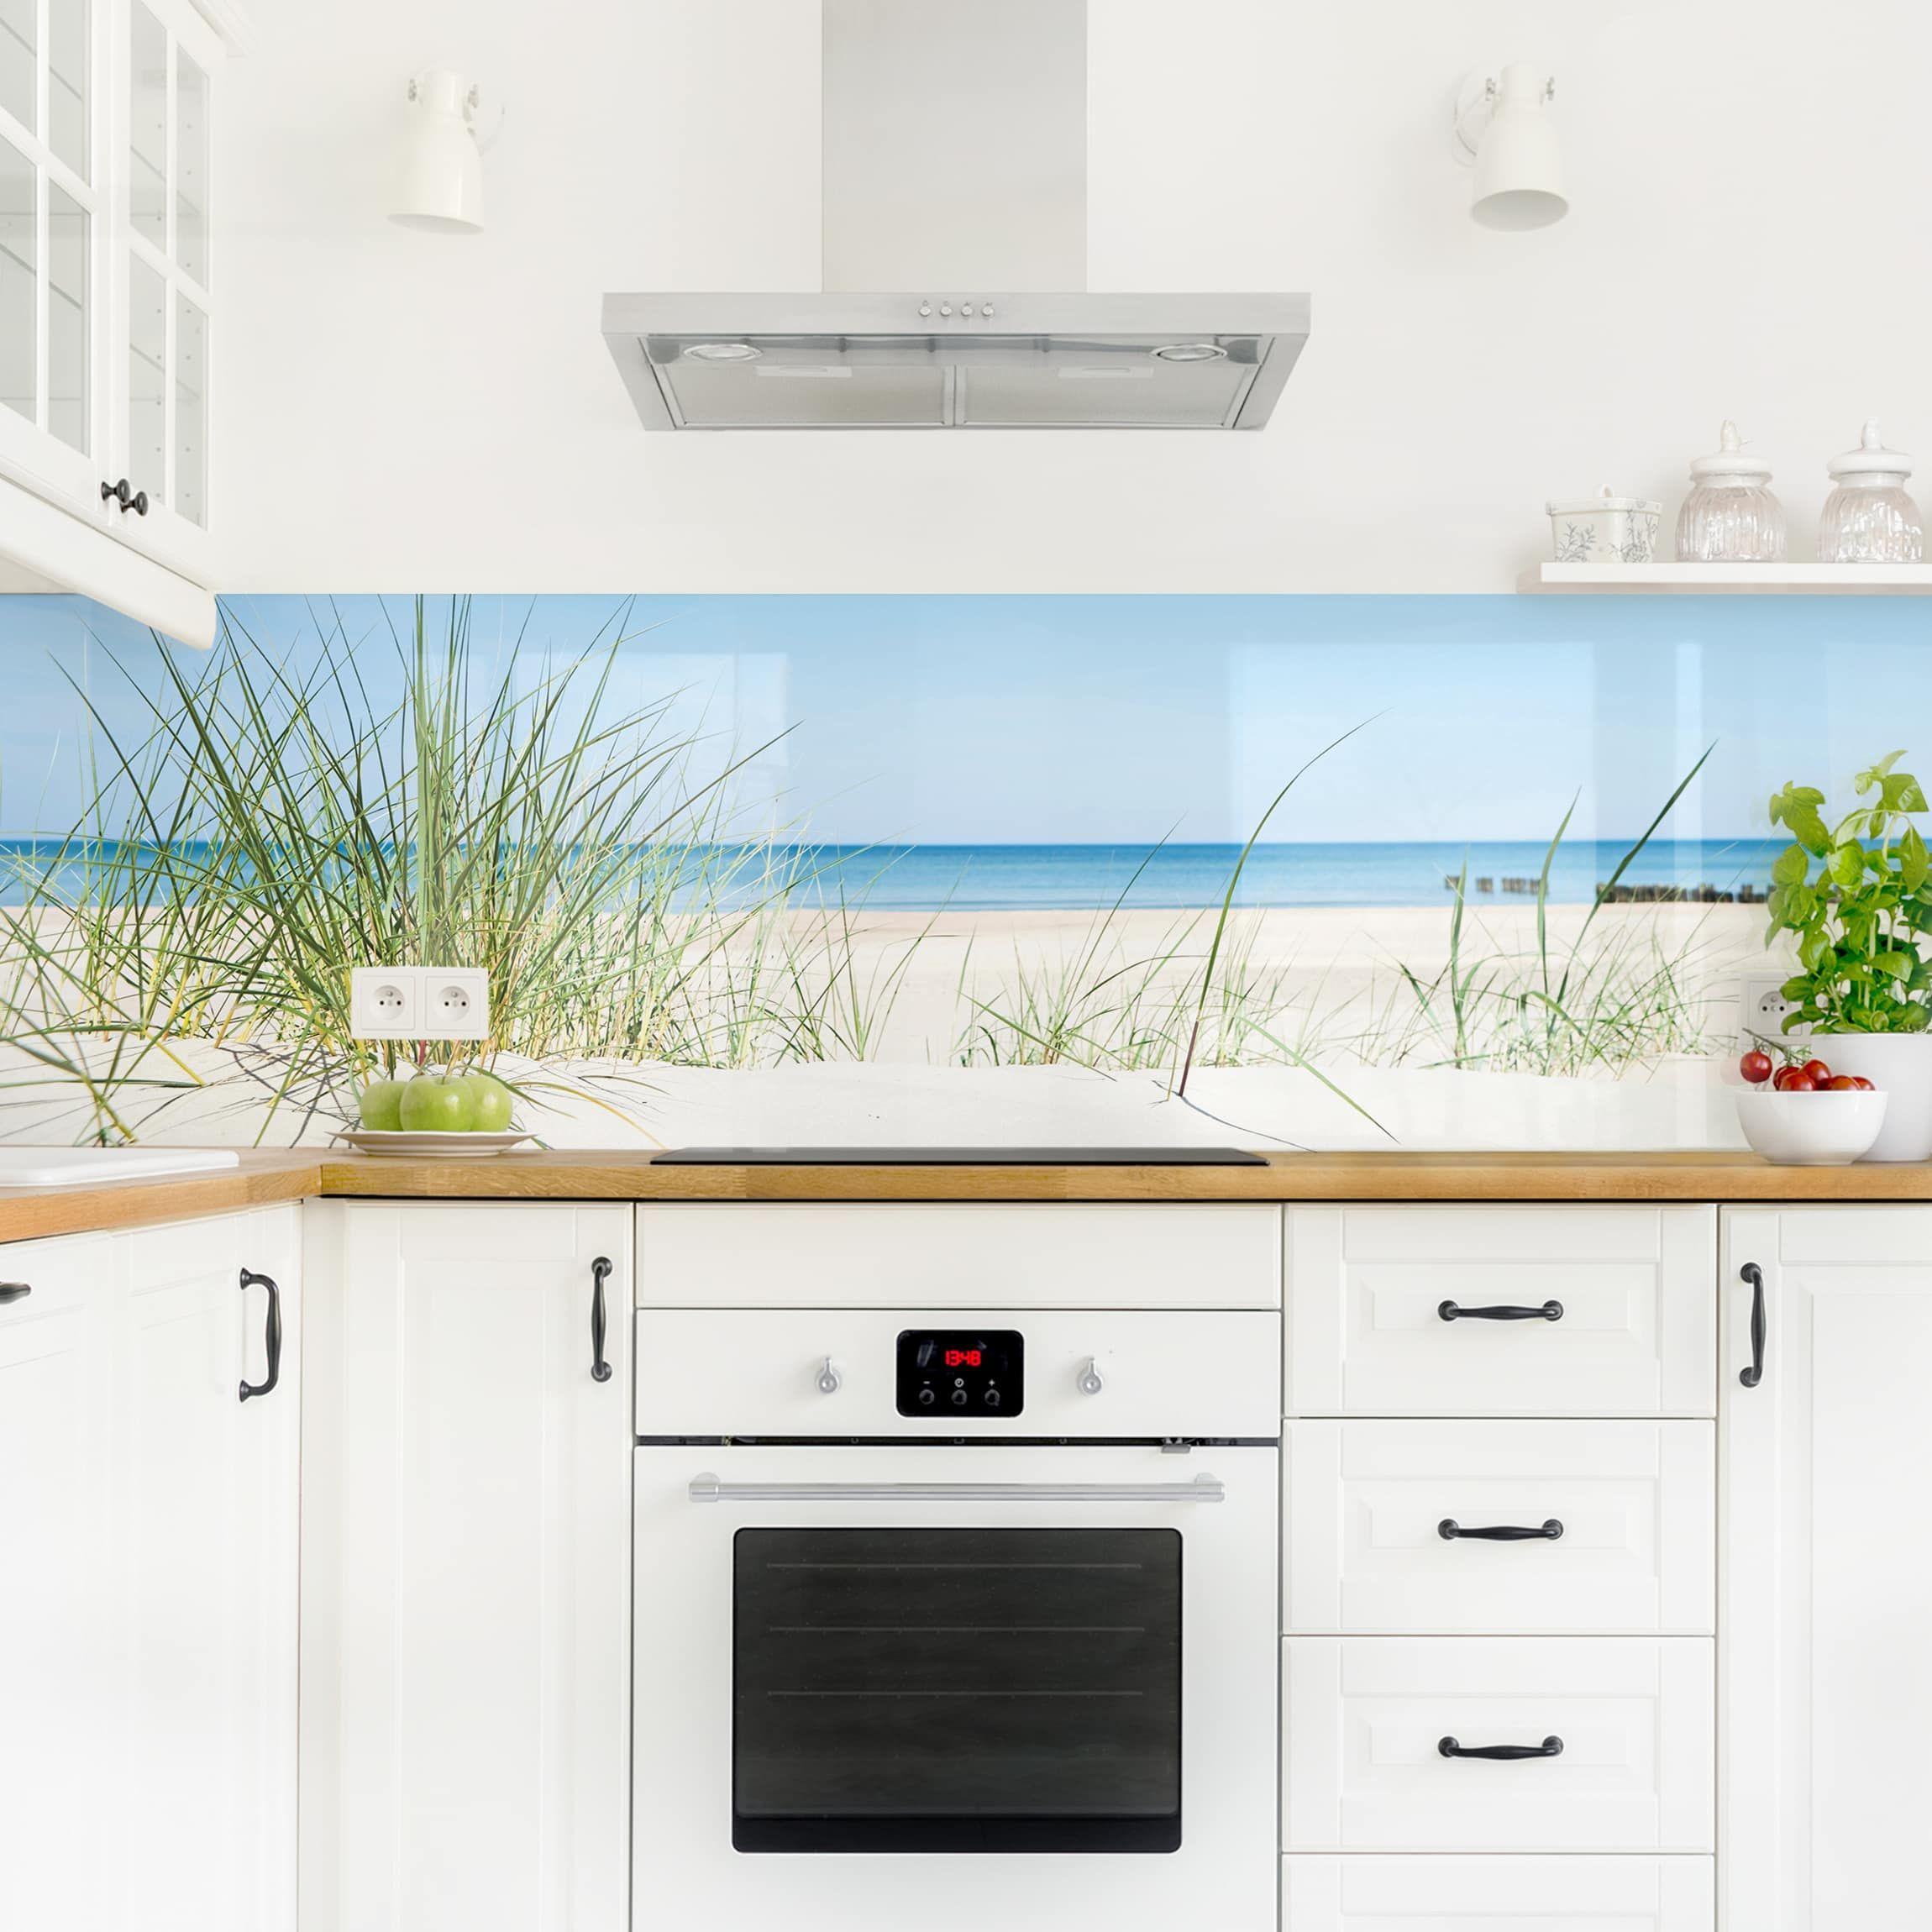 Kuchenruckwand Ostseekuste In 2020 Kuchenruckwand Kuche Und Kuchen Ruckwand